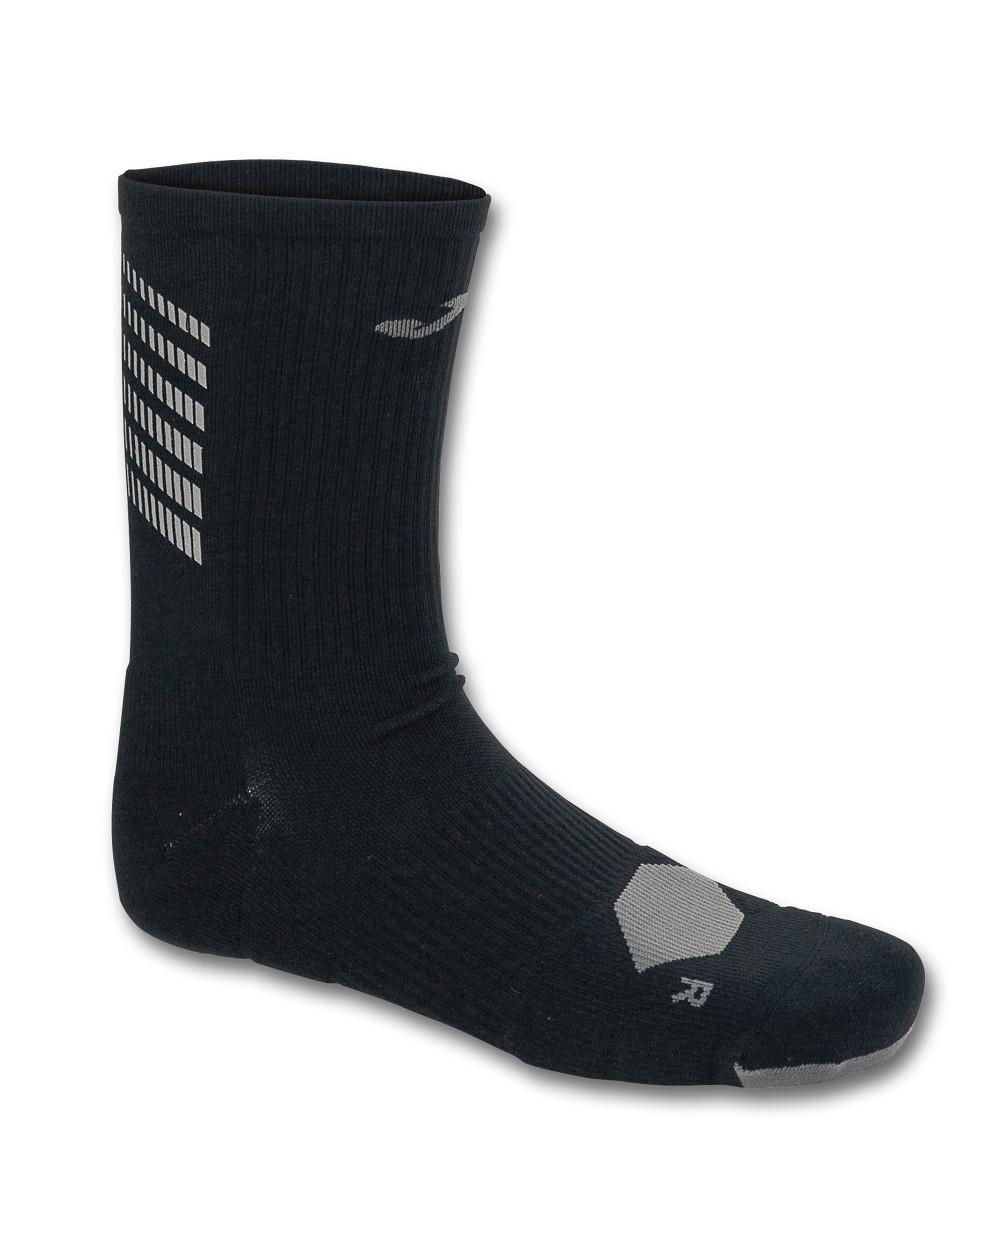 MEDIO COMPRESION Joma Calze calzini calzettoni Socks Unisex Nero cotone 0